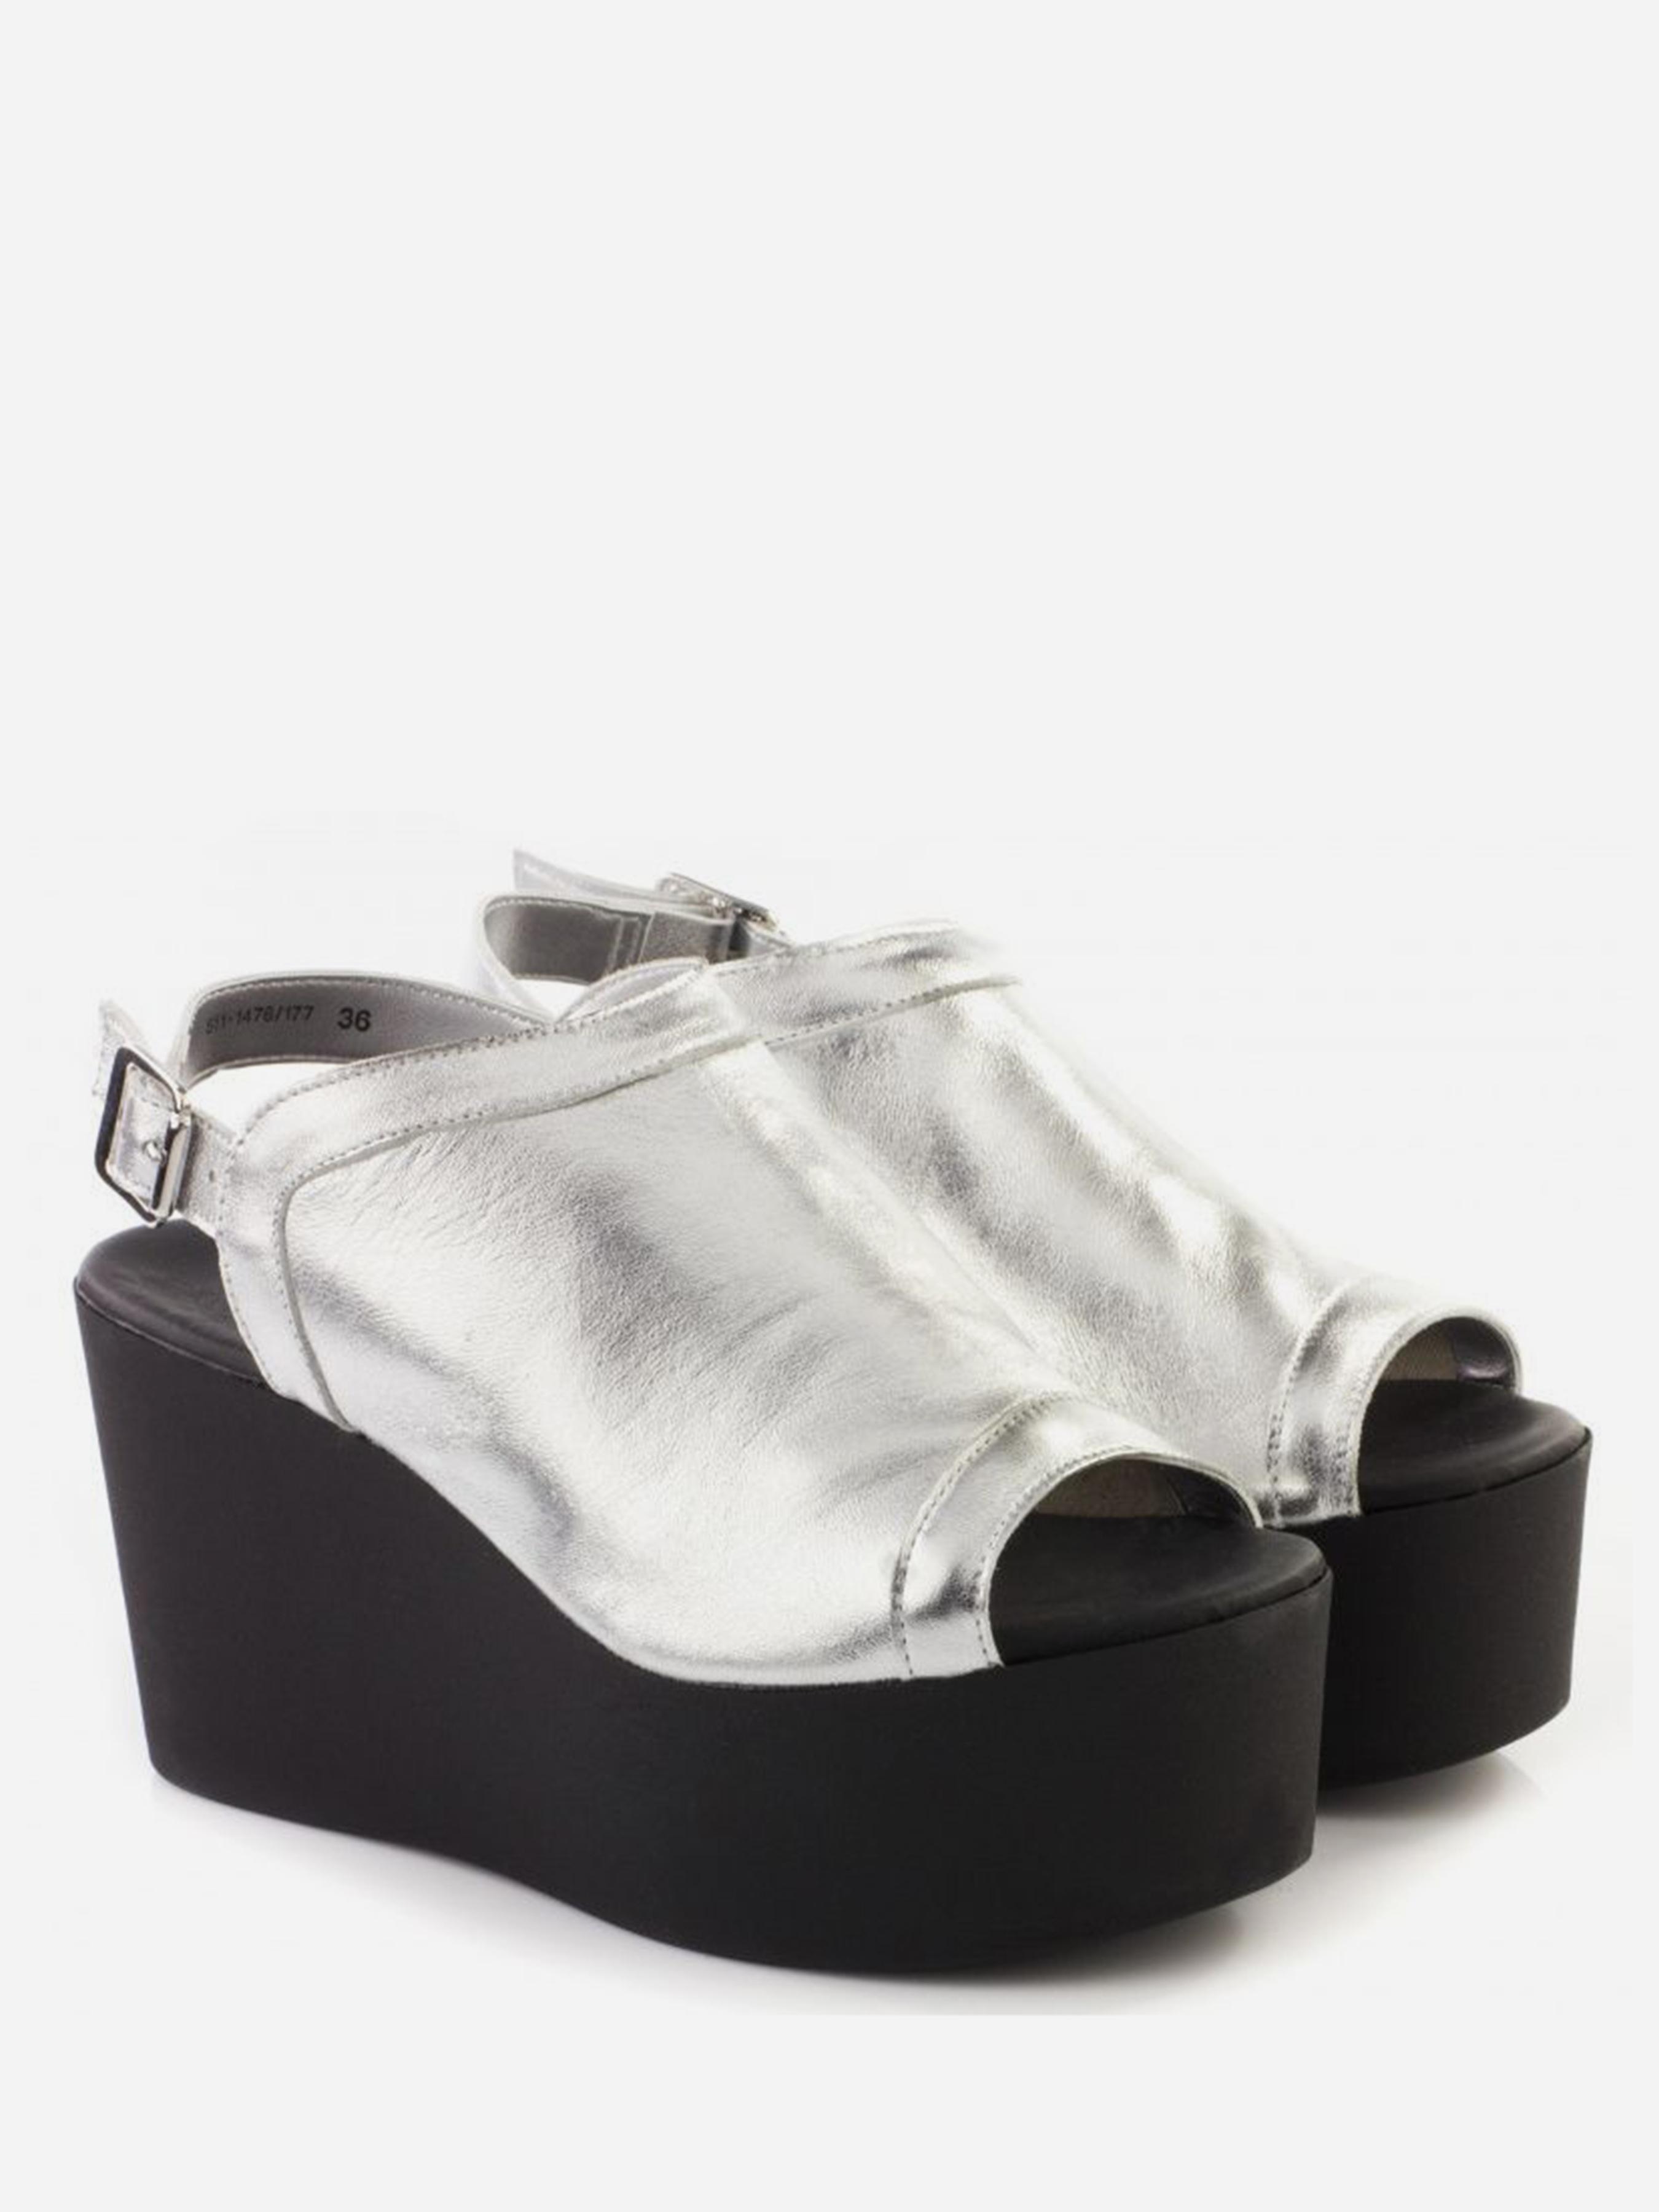 Босоножки для женщин Braska 511-1476/177 брендовая обувь, 2017